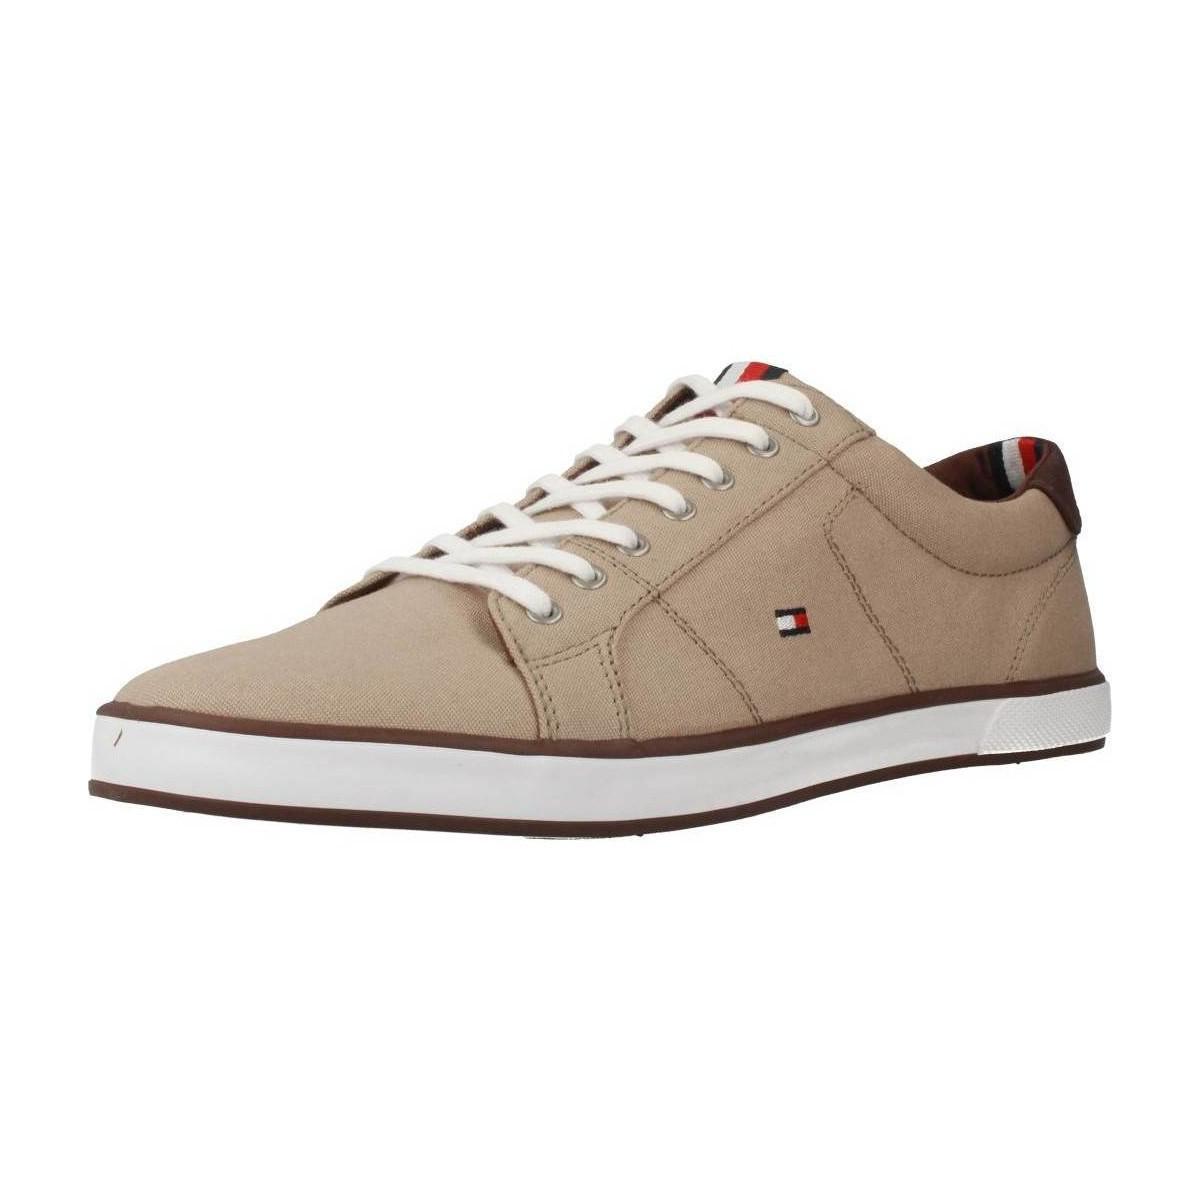 Tommy Hilfiger Chaussures 78081 Tommy Hilfiger soldes UzEHWIpRq